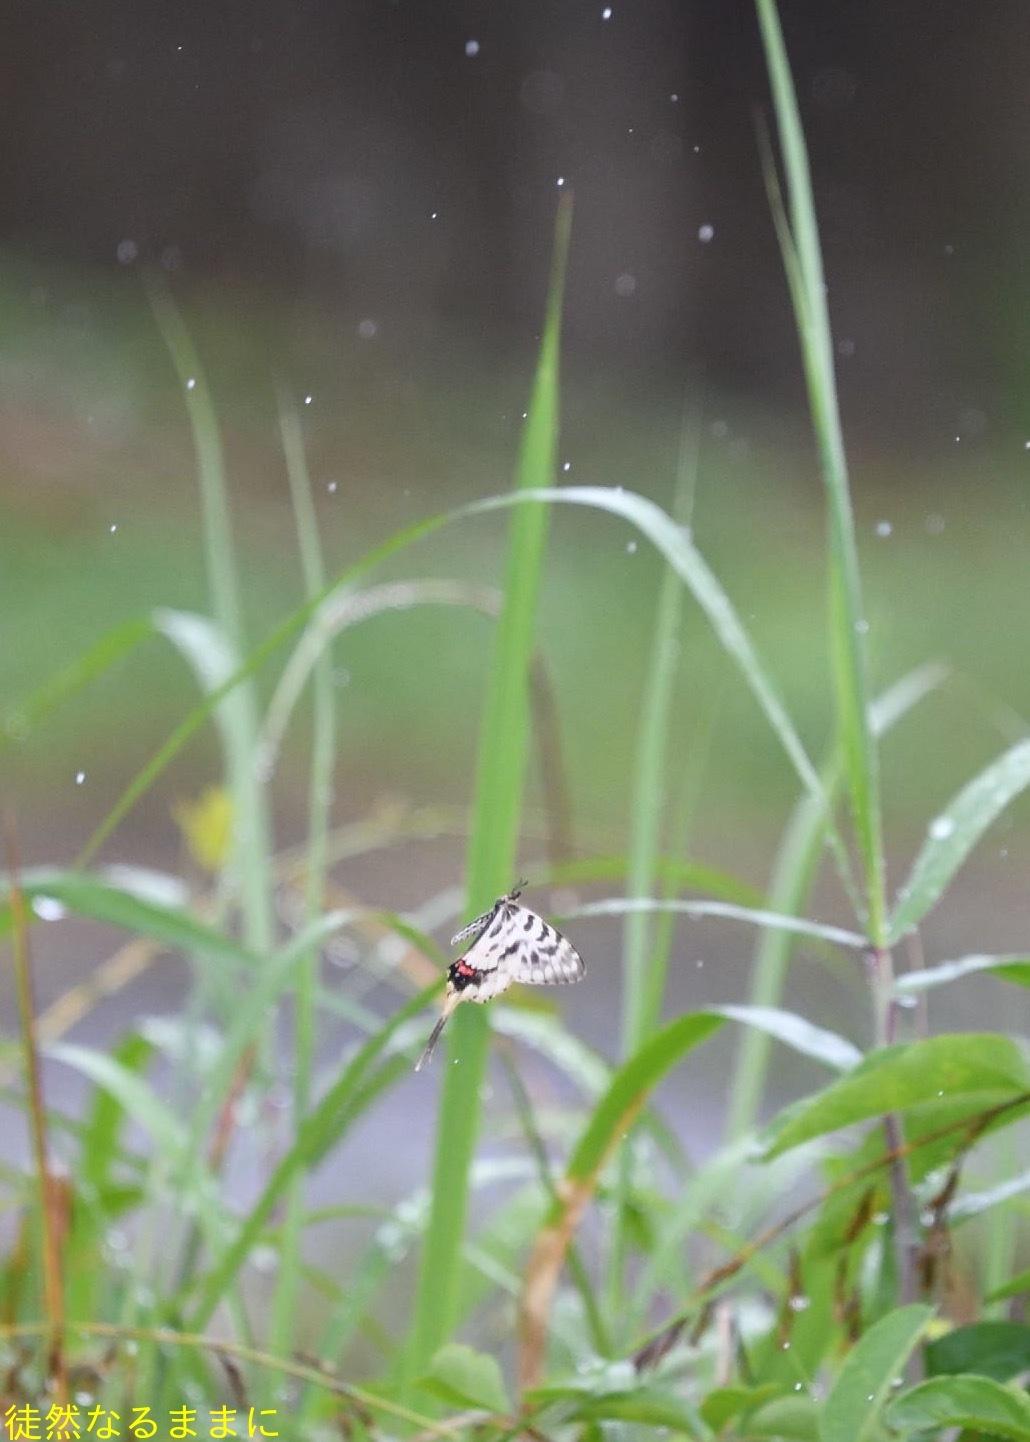 ホソオチョウ夏型・ムシャクロツバメシジミ_d0285540_19024352.jpg